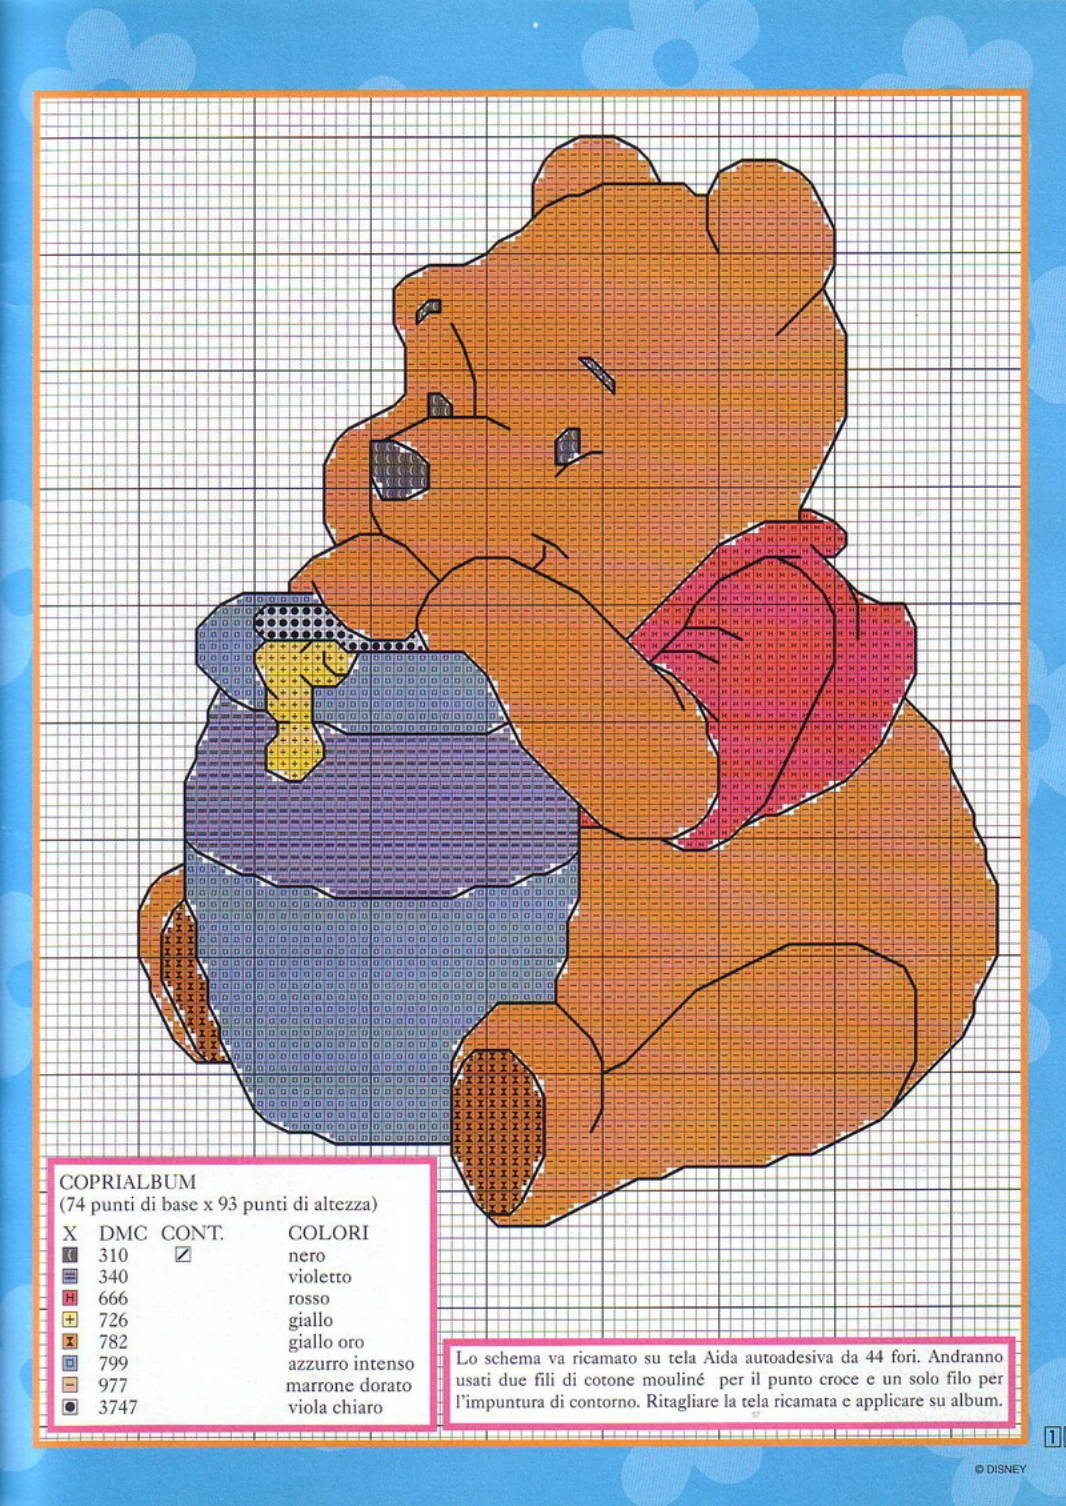 Coprialbum schema punto croce con winnie the pooh e for Winnie the pooh punto croce